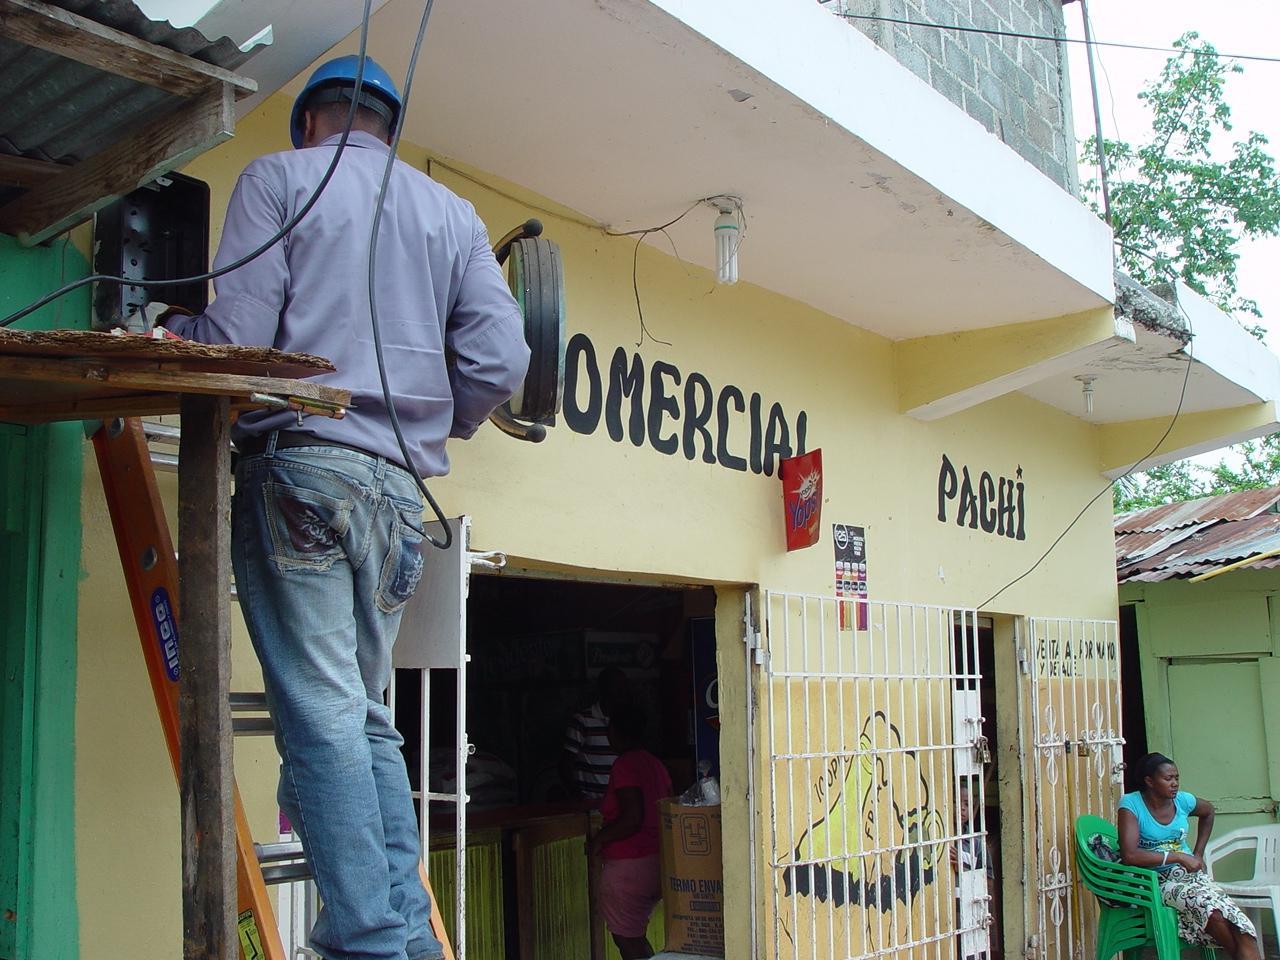 Técnico de Edesur a prisión por realizar conexiones eléctricas ilegales